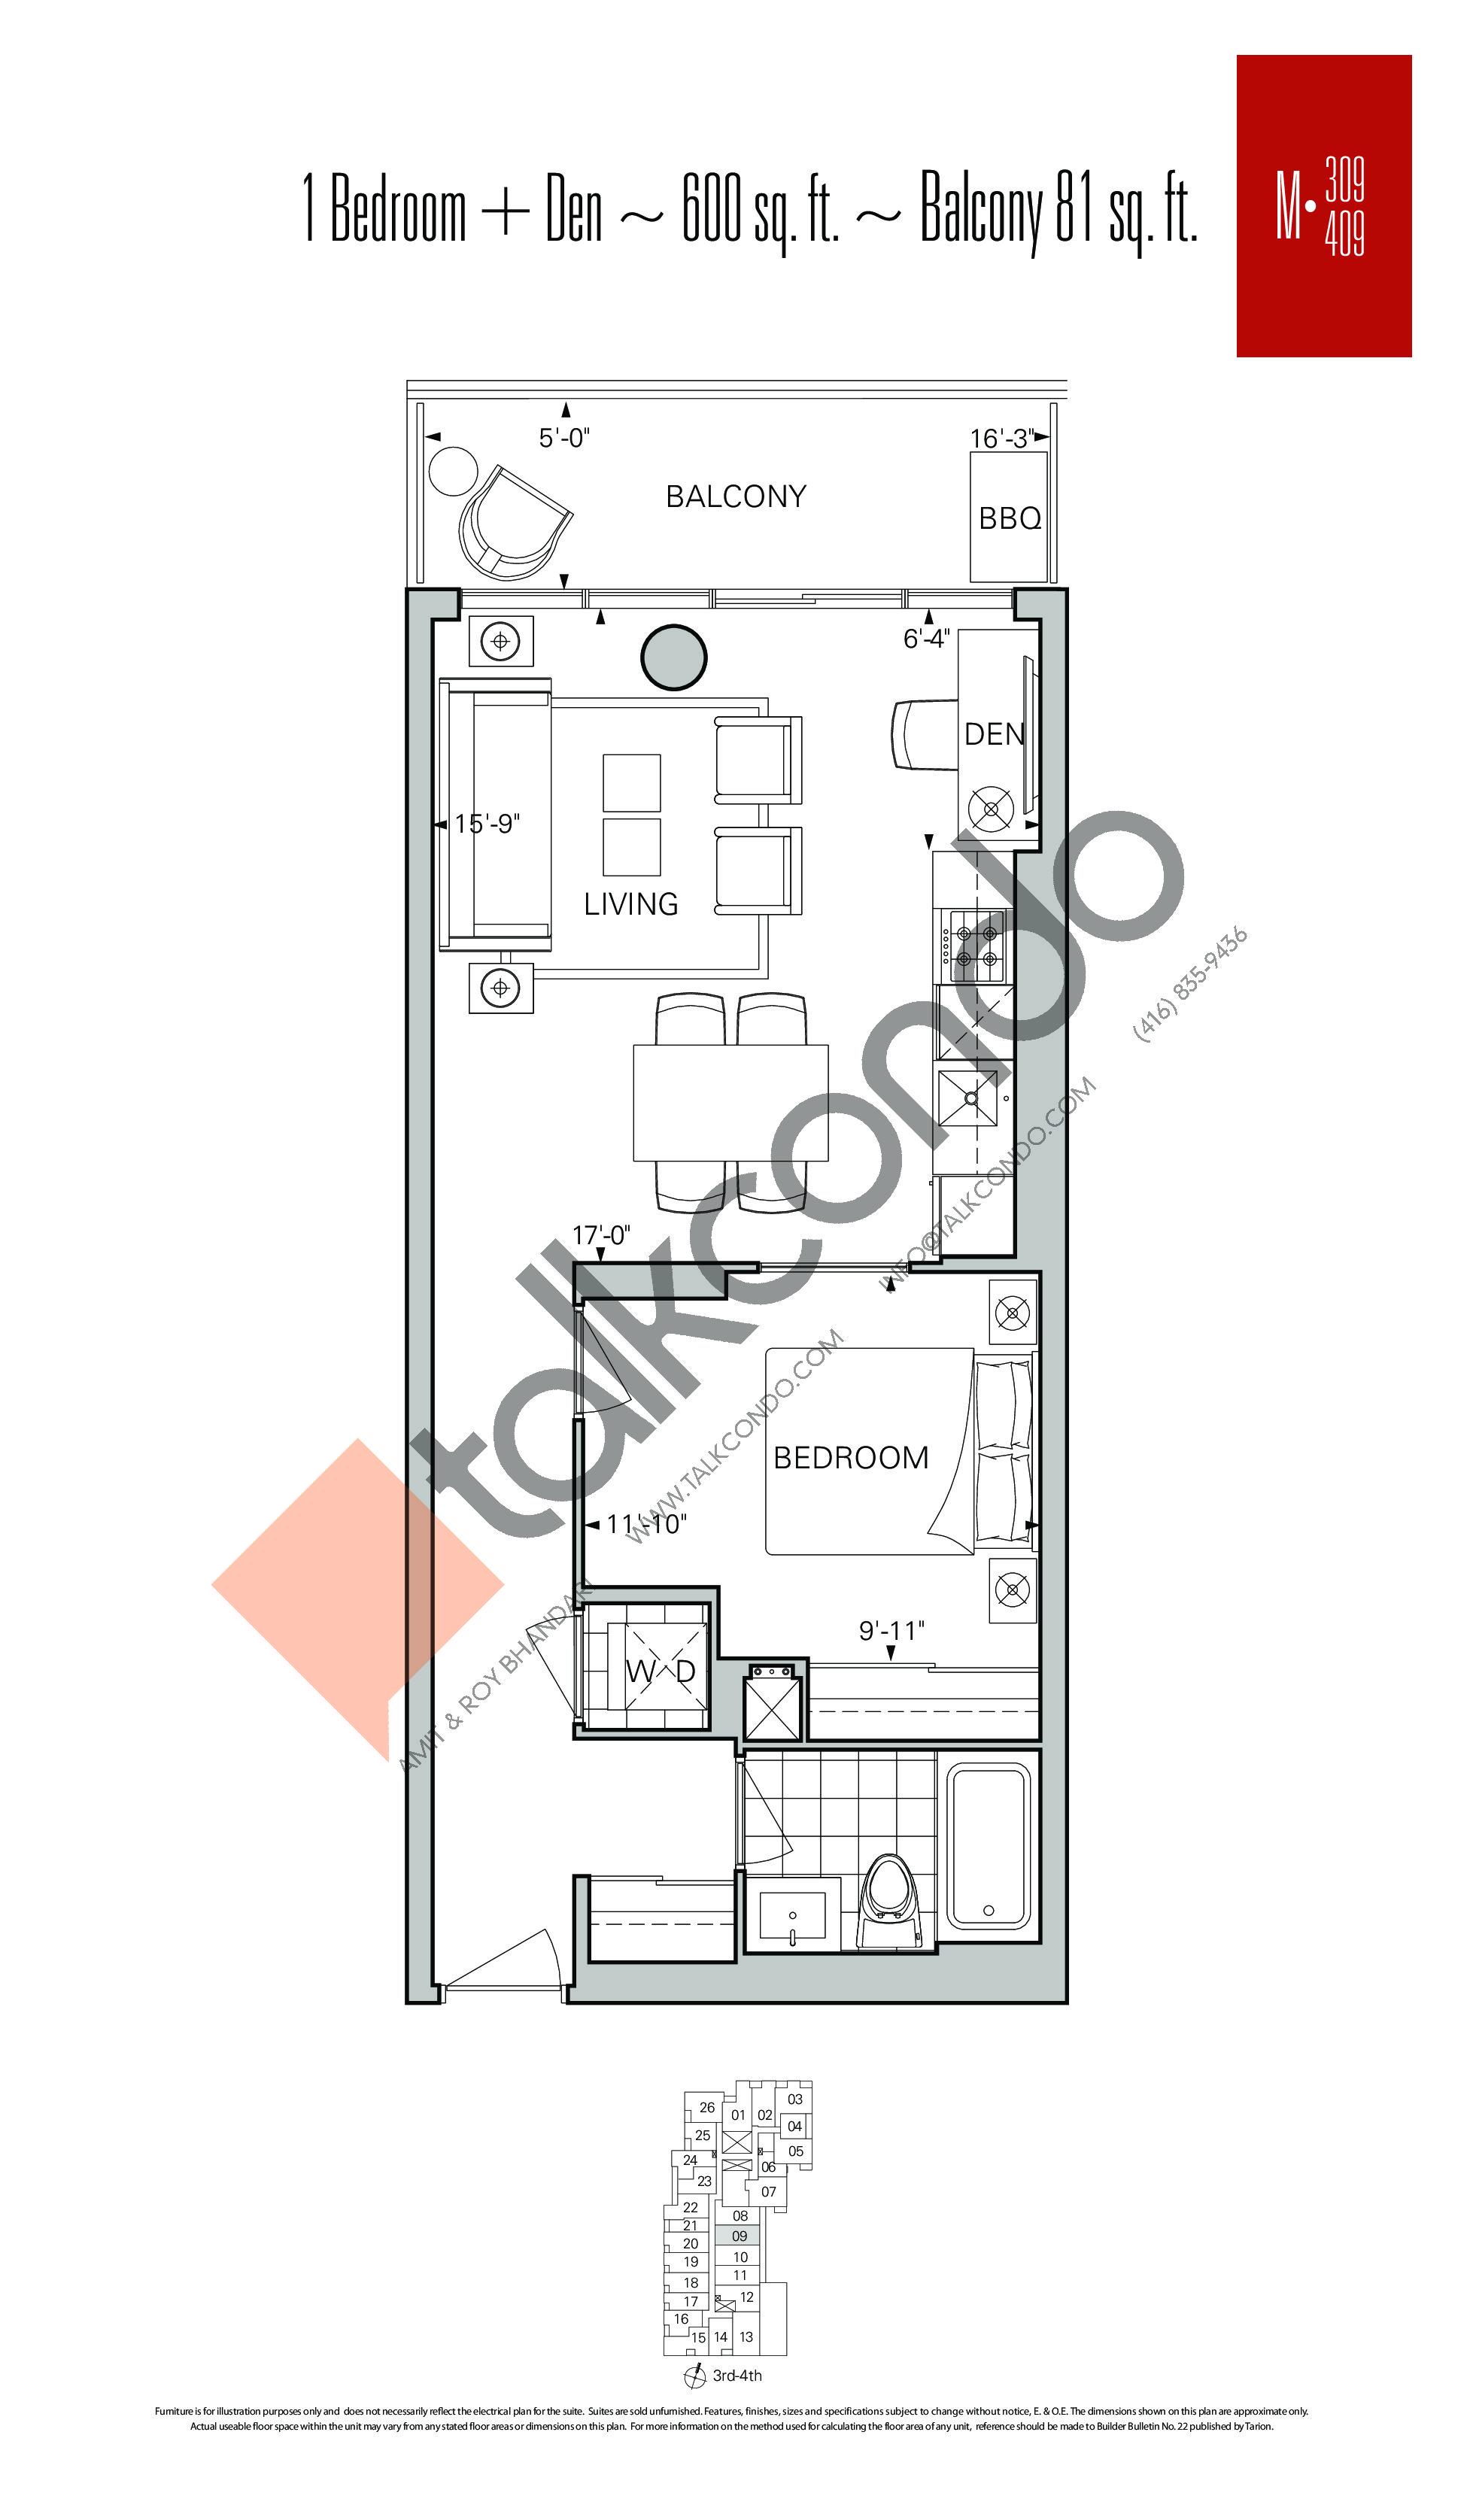 M-309   M-409 Floor Plan at Rise Condos - 600 sq.ft